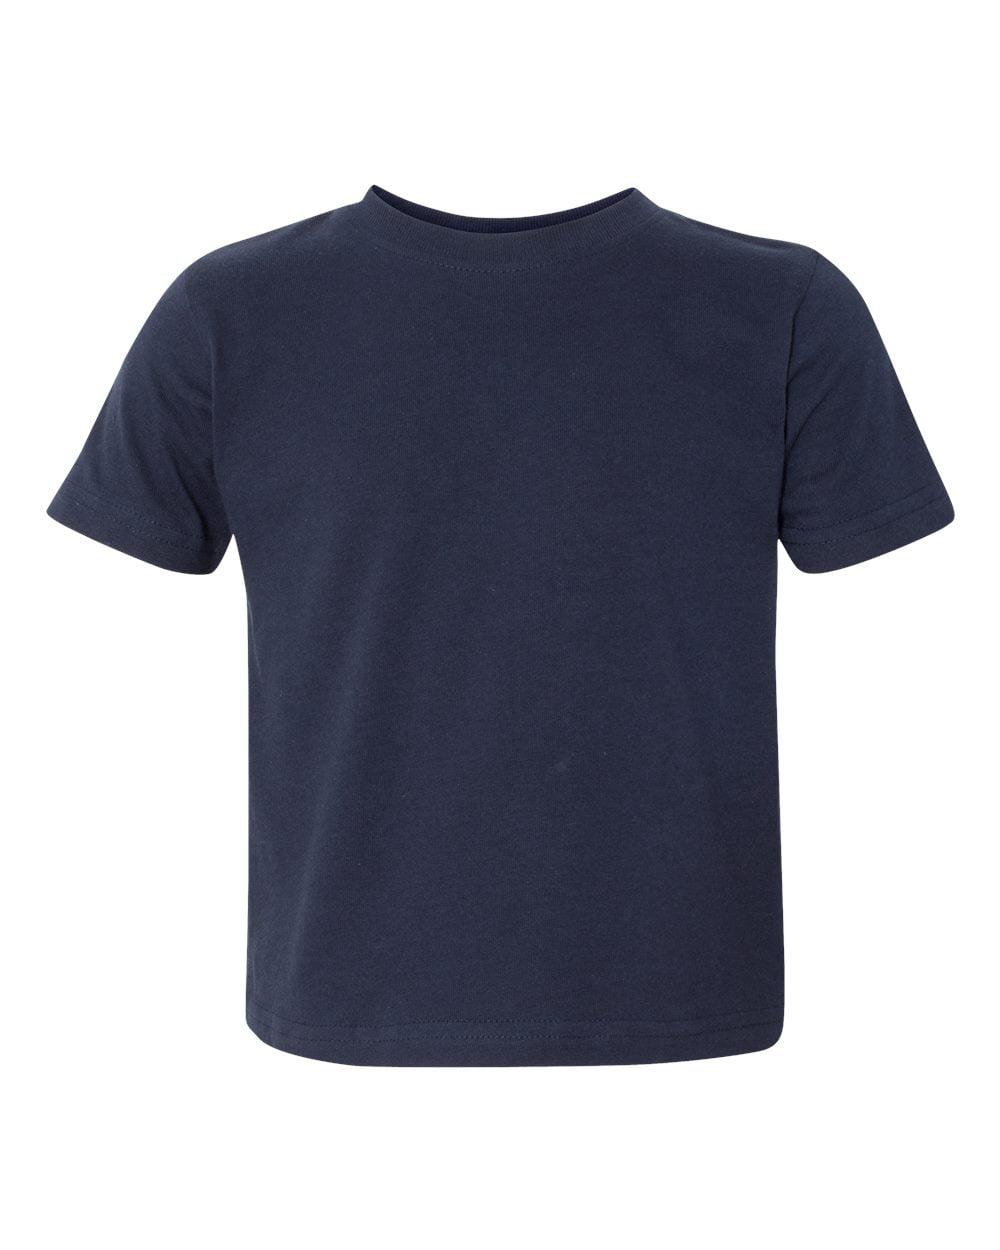 Rabbit Skins 3080 Toddler Fashion T-Shirt - White - 2 Toddler